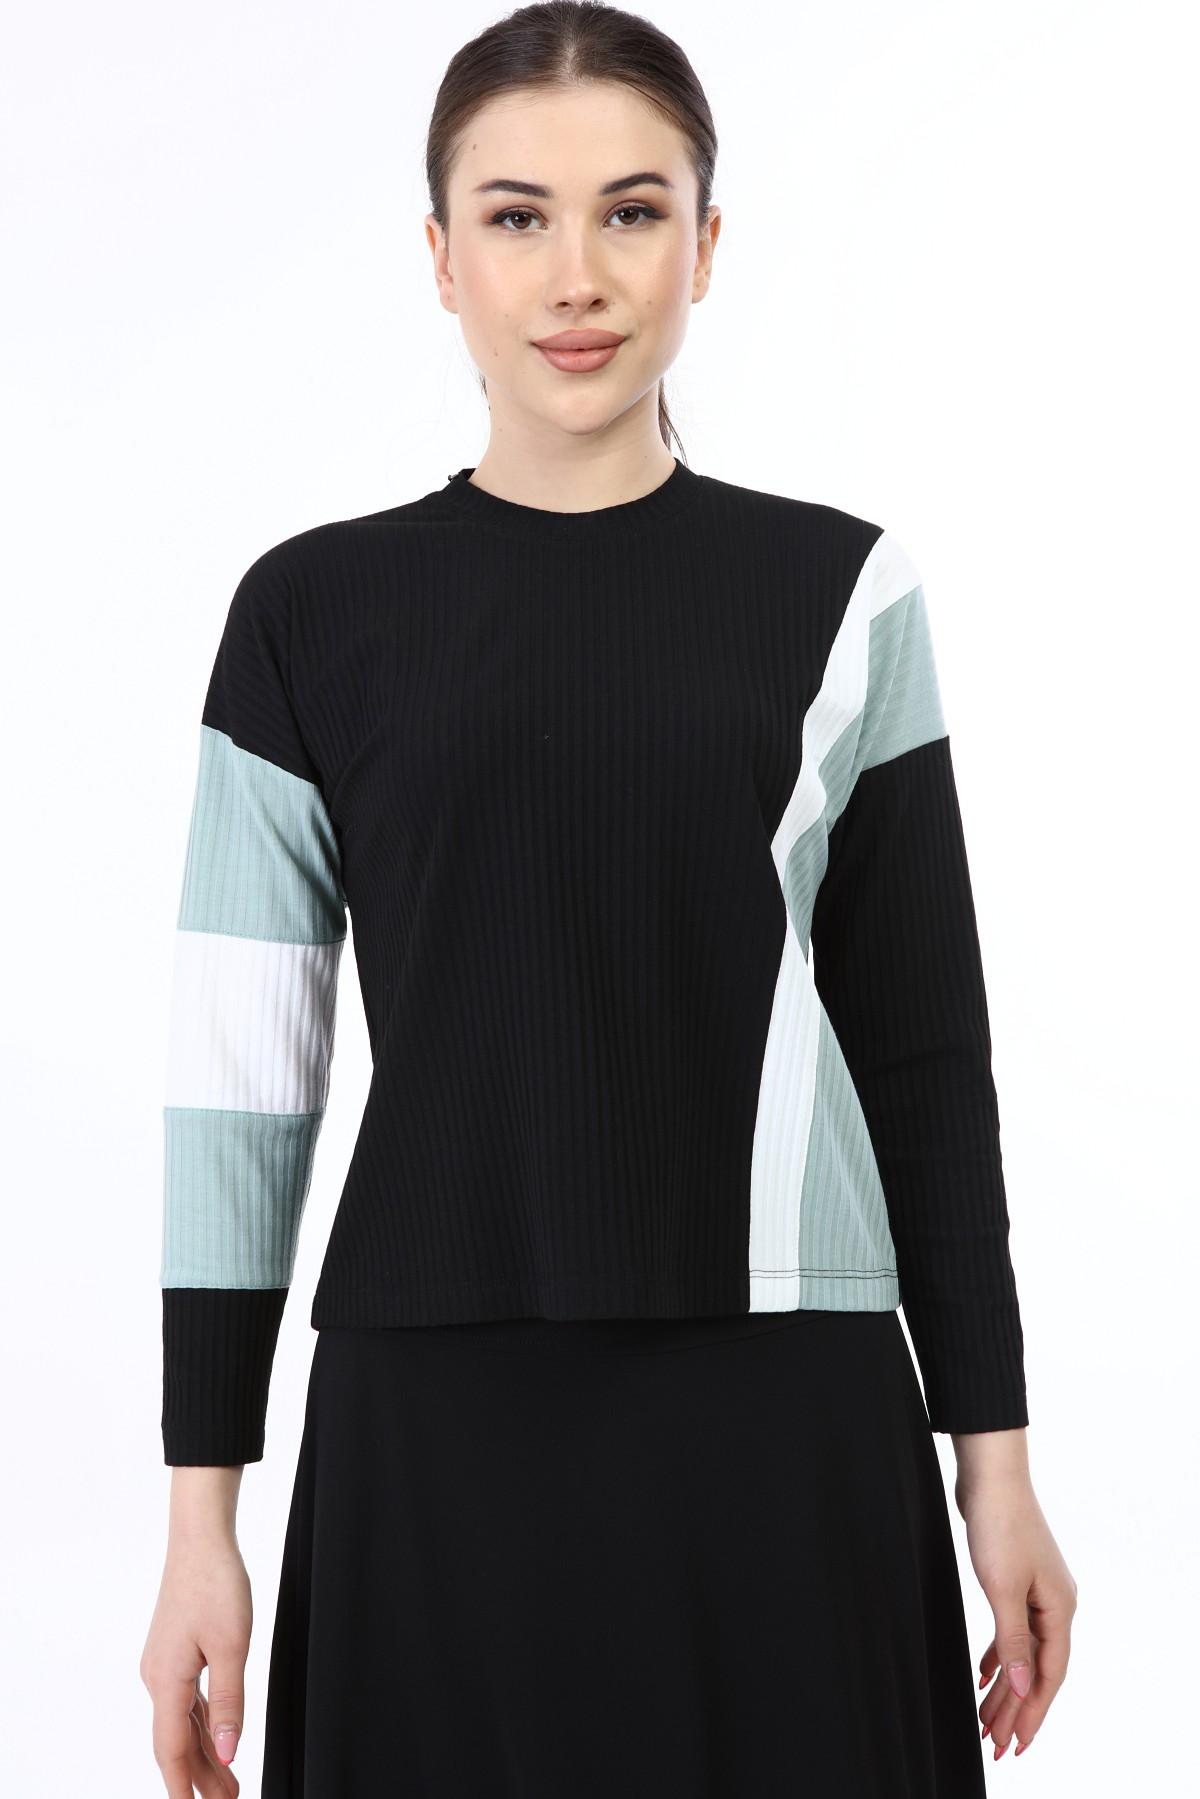 בגדי בית ליידיס - H003 עליונית פסים טורקיז-לבן קולקציית 2021.